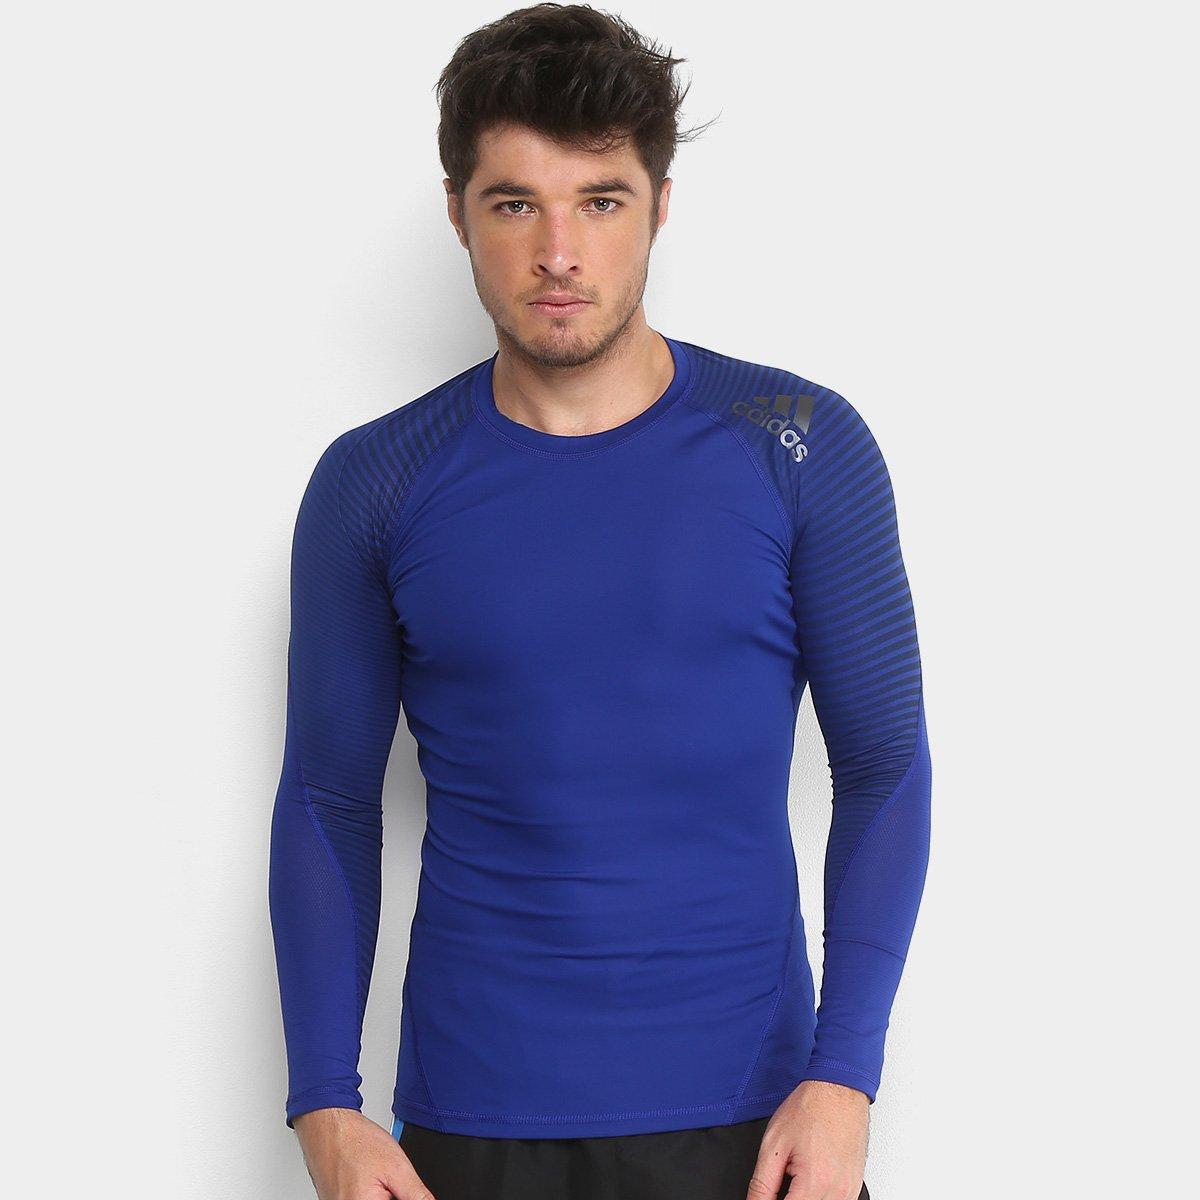 Camiseta Adidas AlphaSkin Sport Graphic Manga Longa Masculina - Compre  Agora  e2a37170fa10d